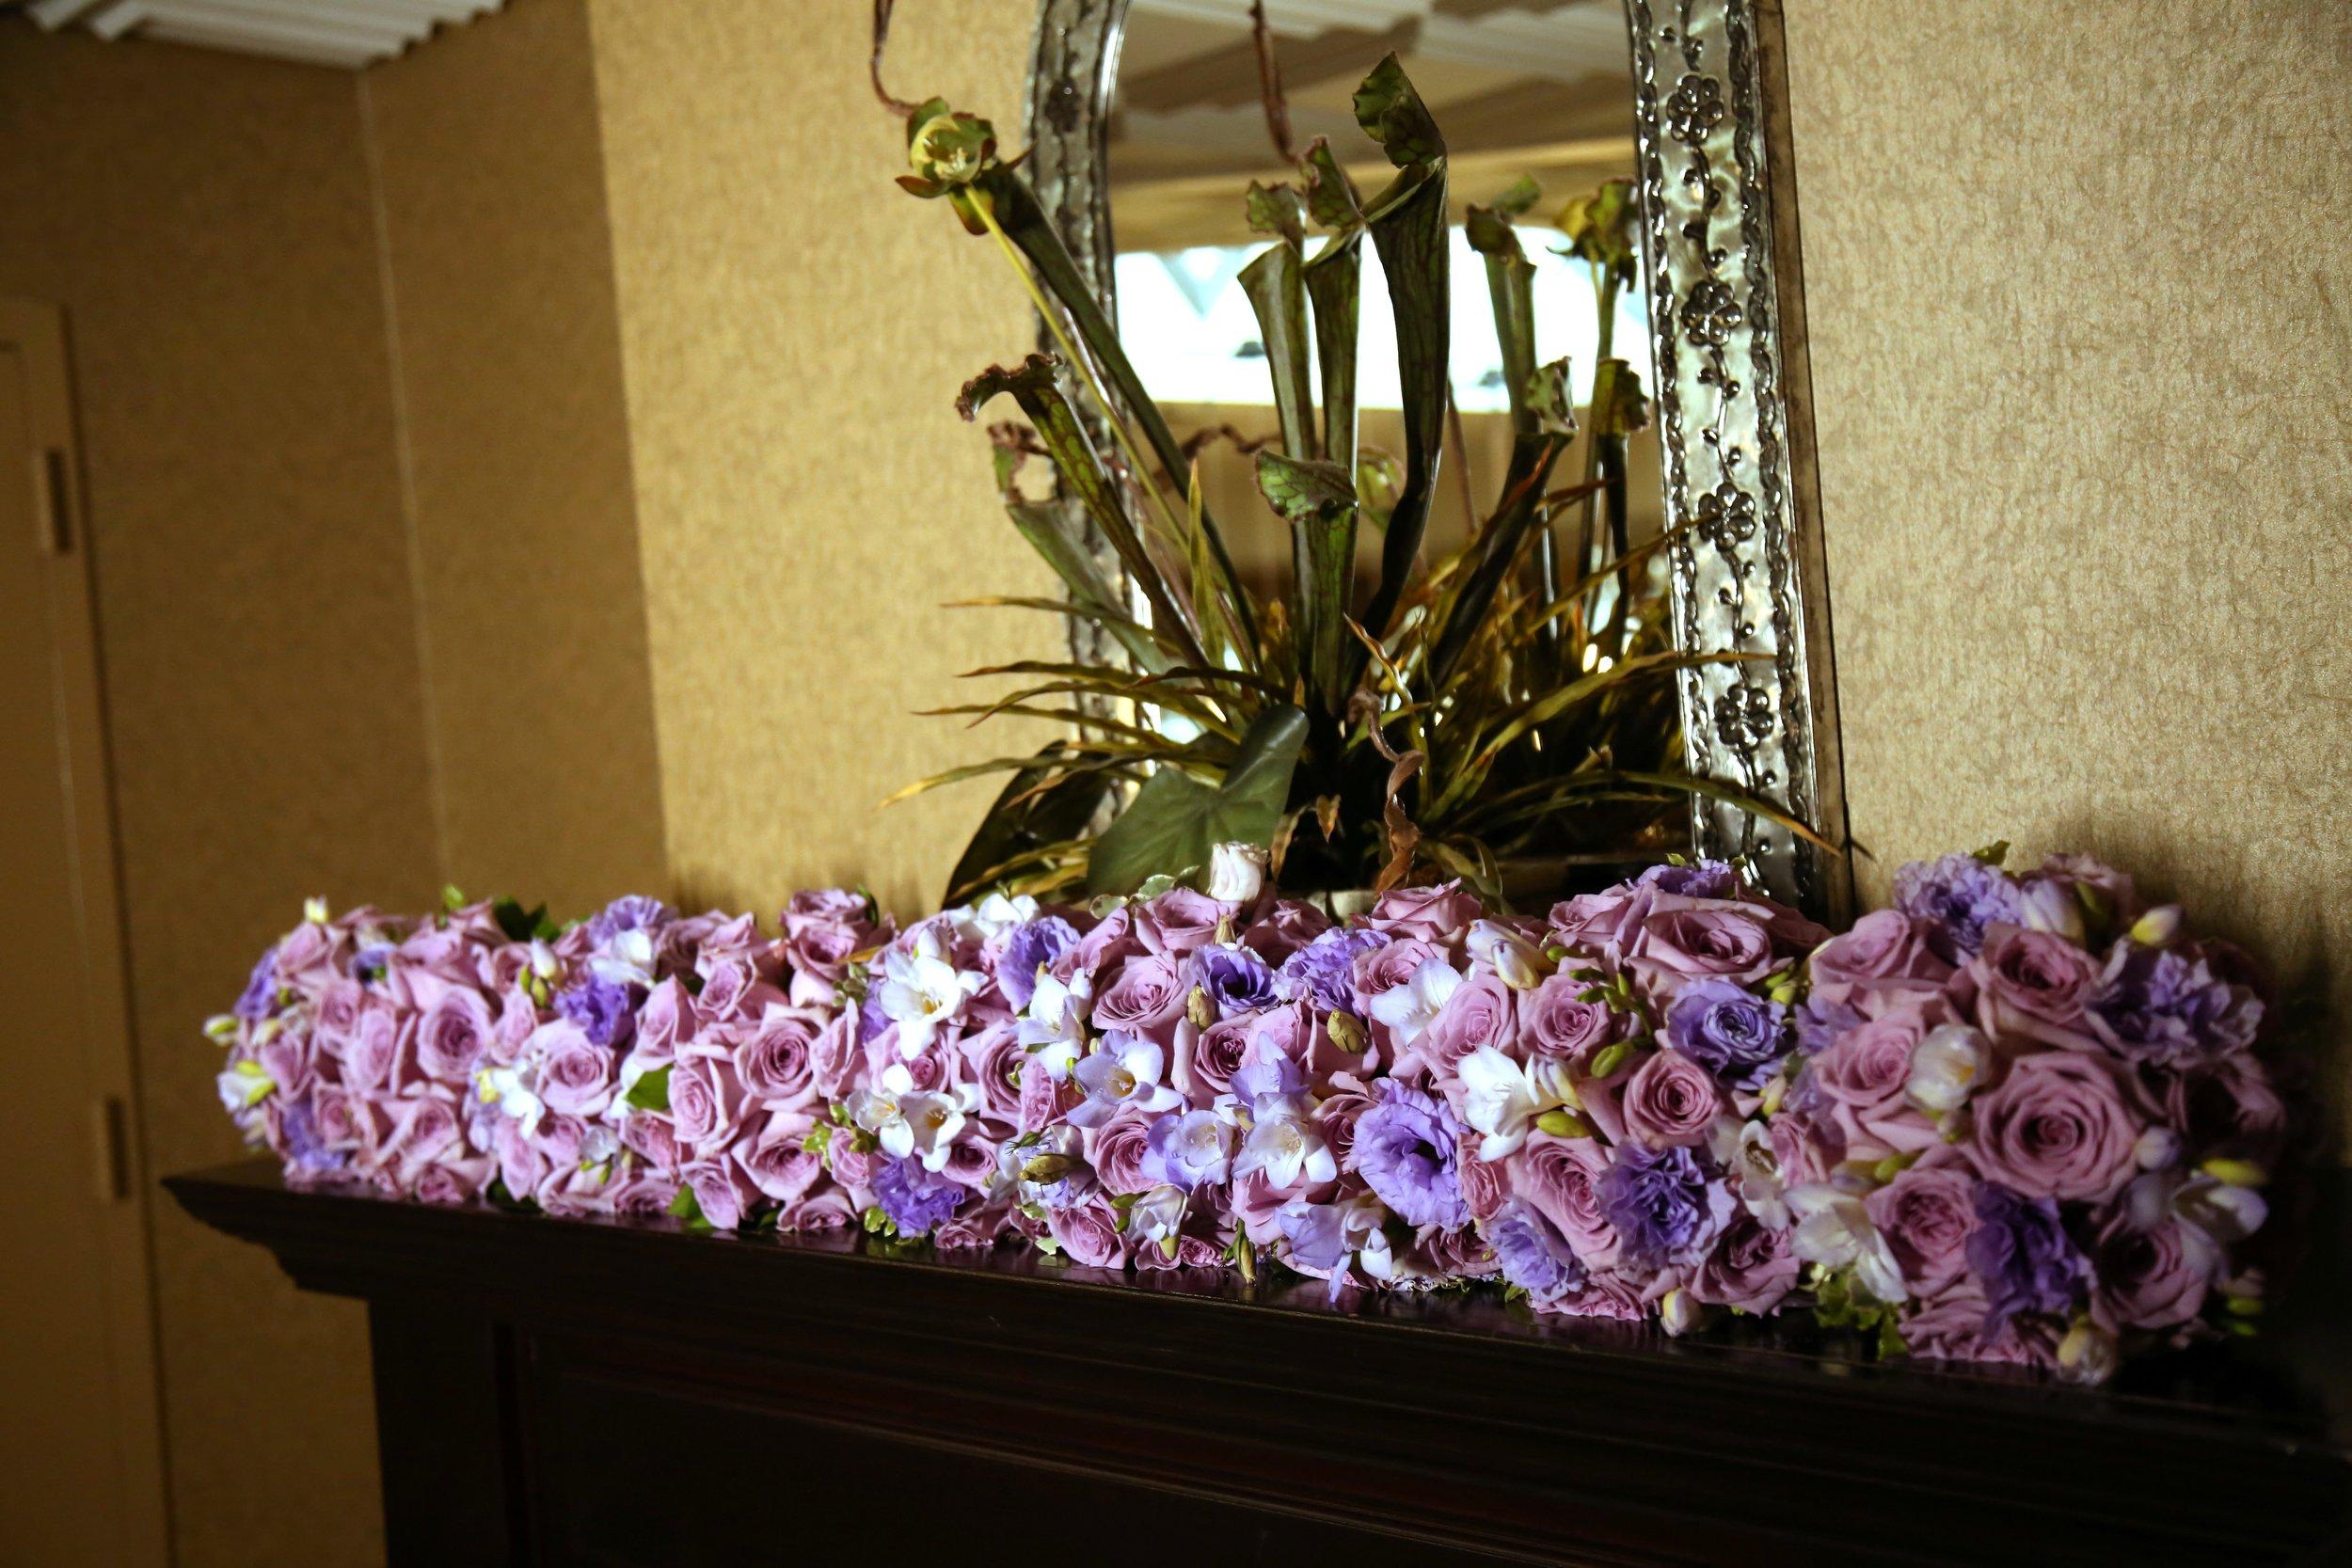 m2-floral-bouquets14.jpg